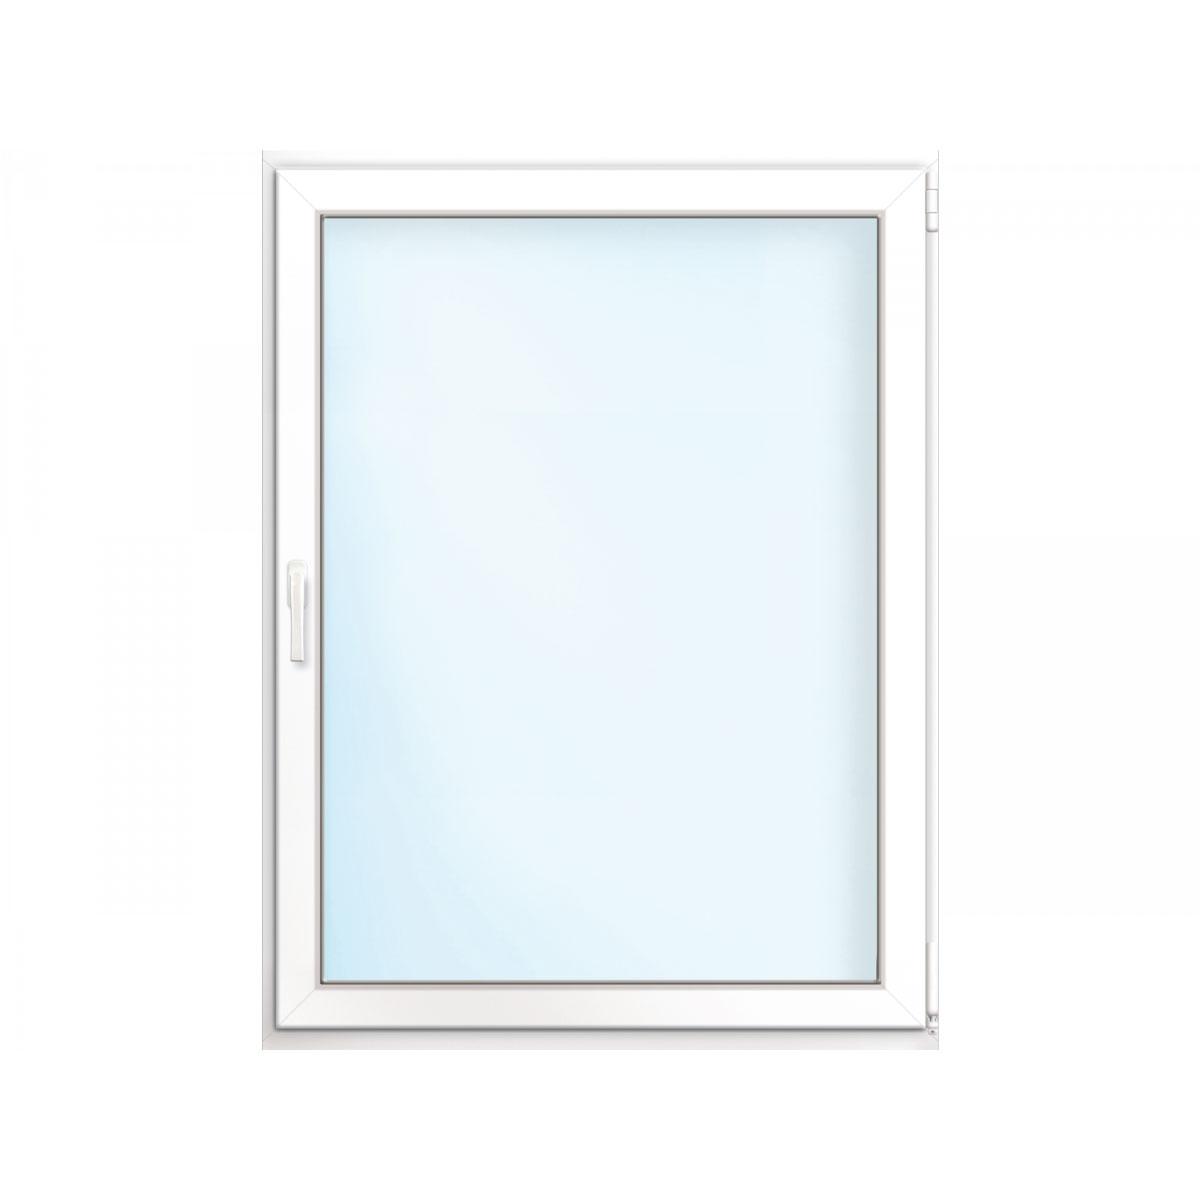 Fenster PVC 70/3 weiß/weiß Anschlag rechts 60x90 cm